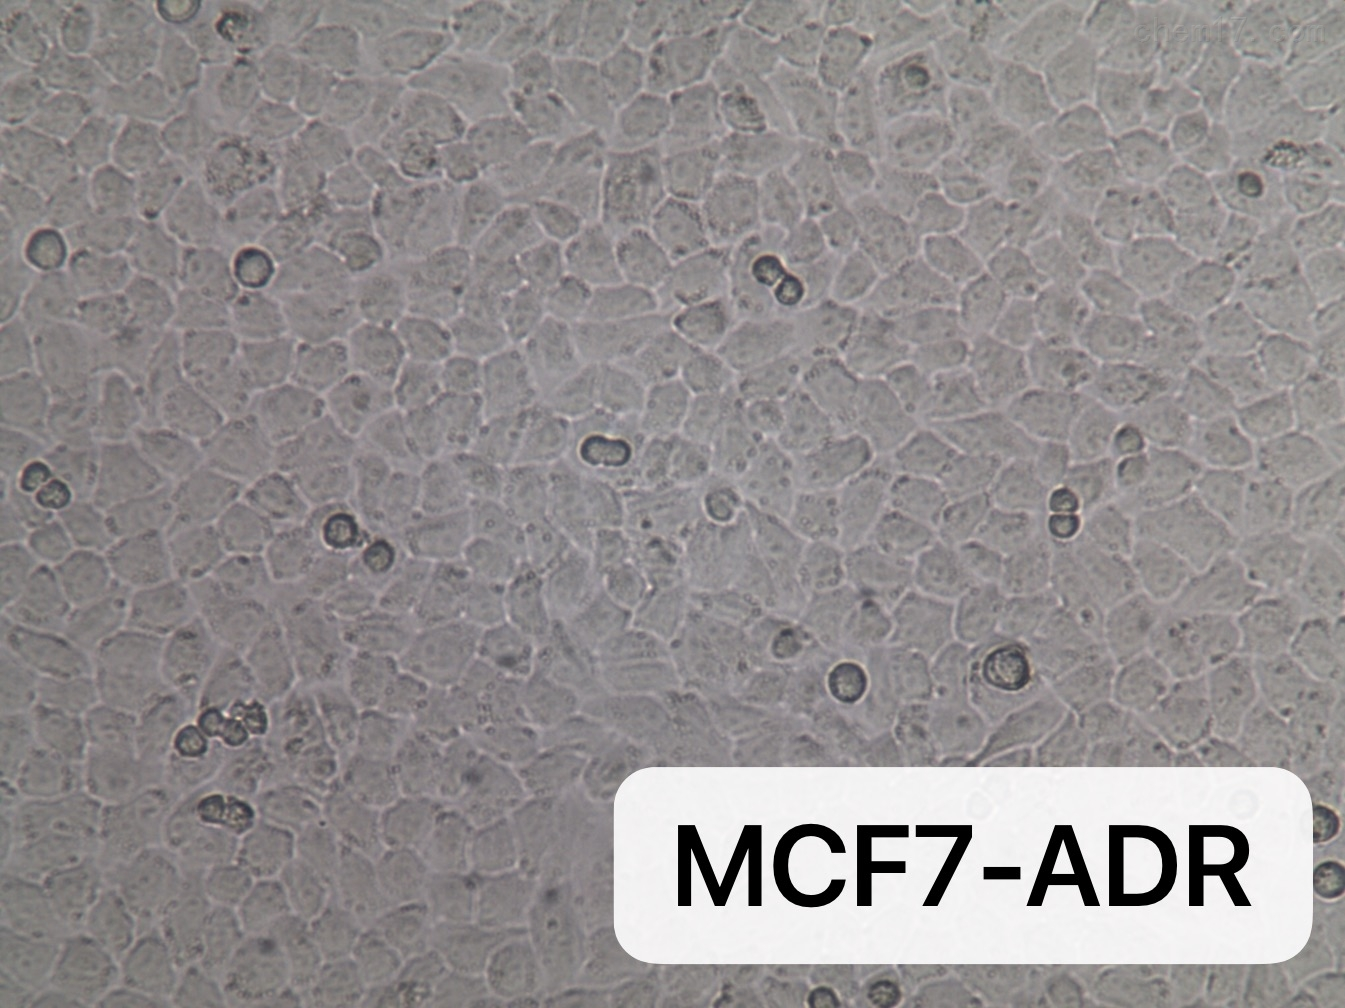 人乳腺癌细胞耐阿霉素细胞株MCF7/ADR